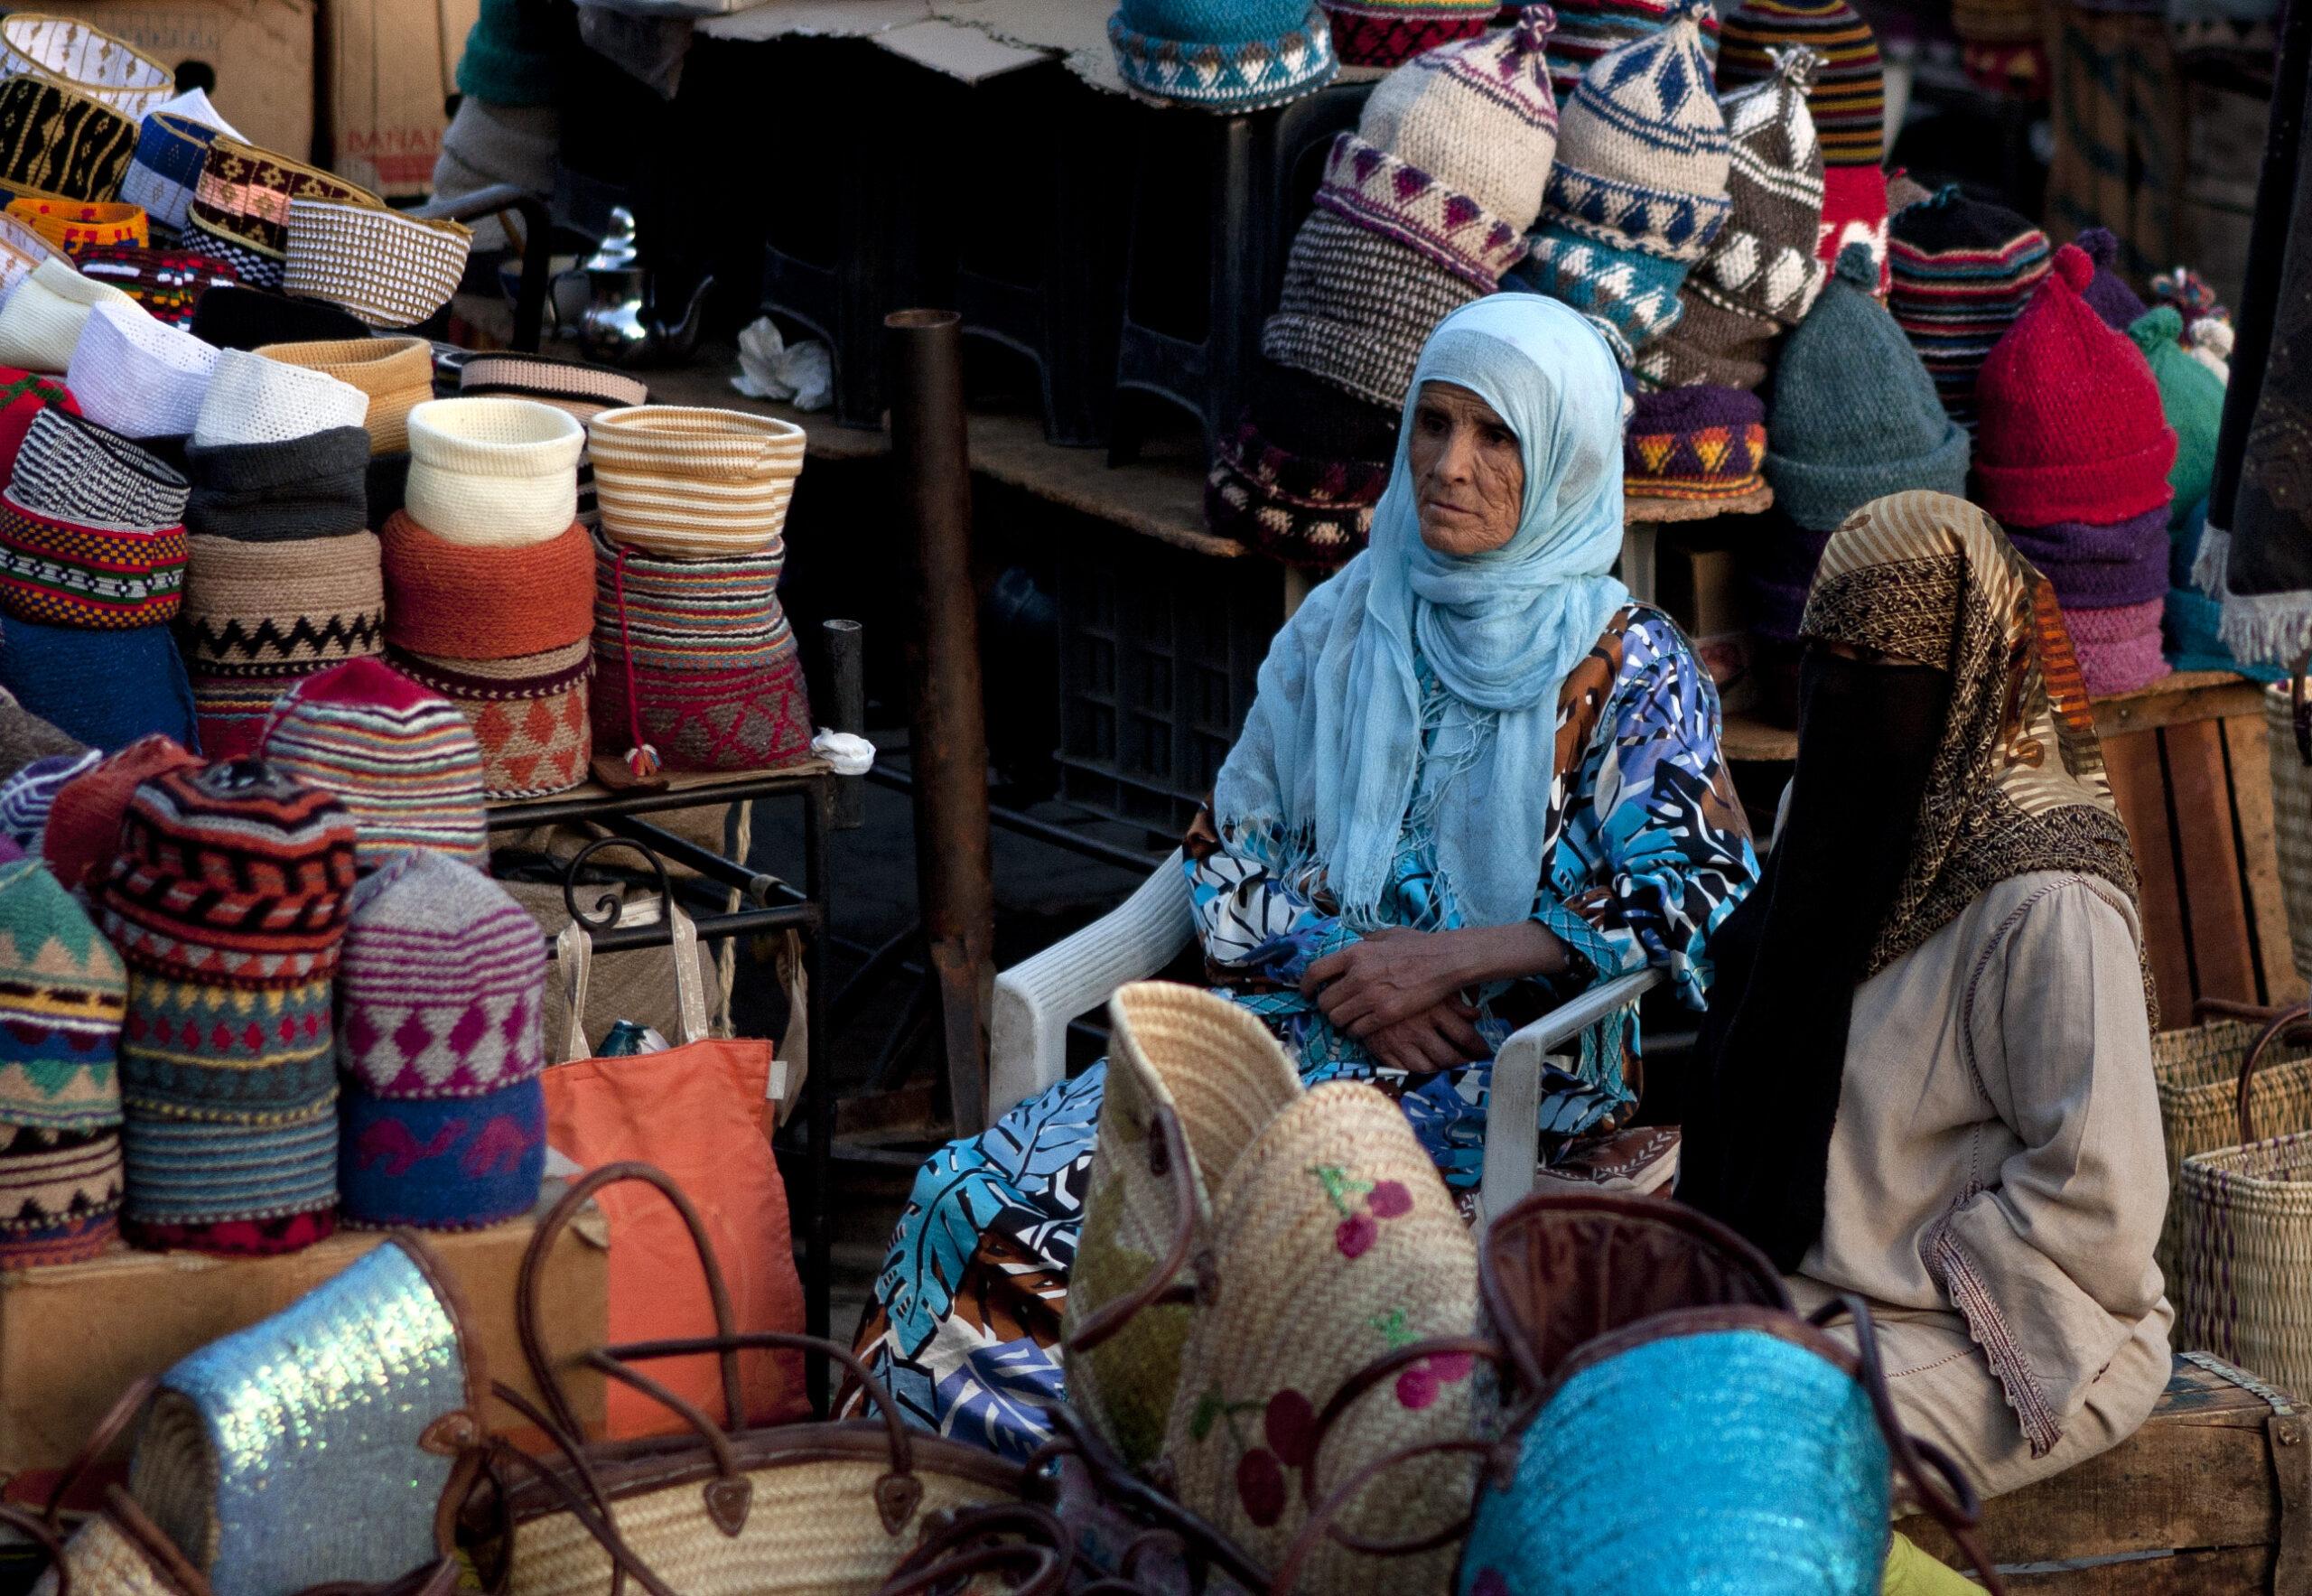 Imagen de la noticia Promoviendo la economía social y solidaria como herramienta para contribuir a la equidad de género y al ejercicio de los derechos socio-económicos de las mujeres, en la región de Tanger-Tétouan-Al Hoceima, Marruecos